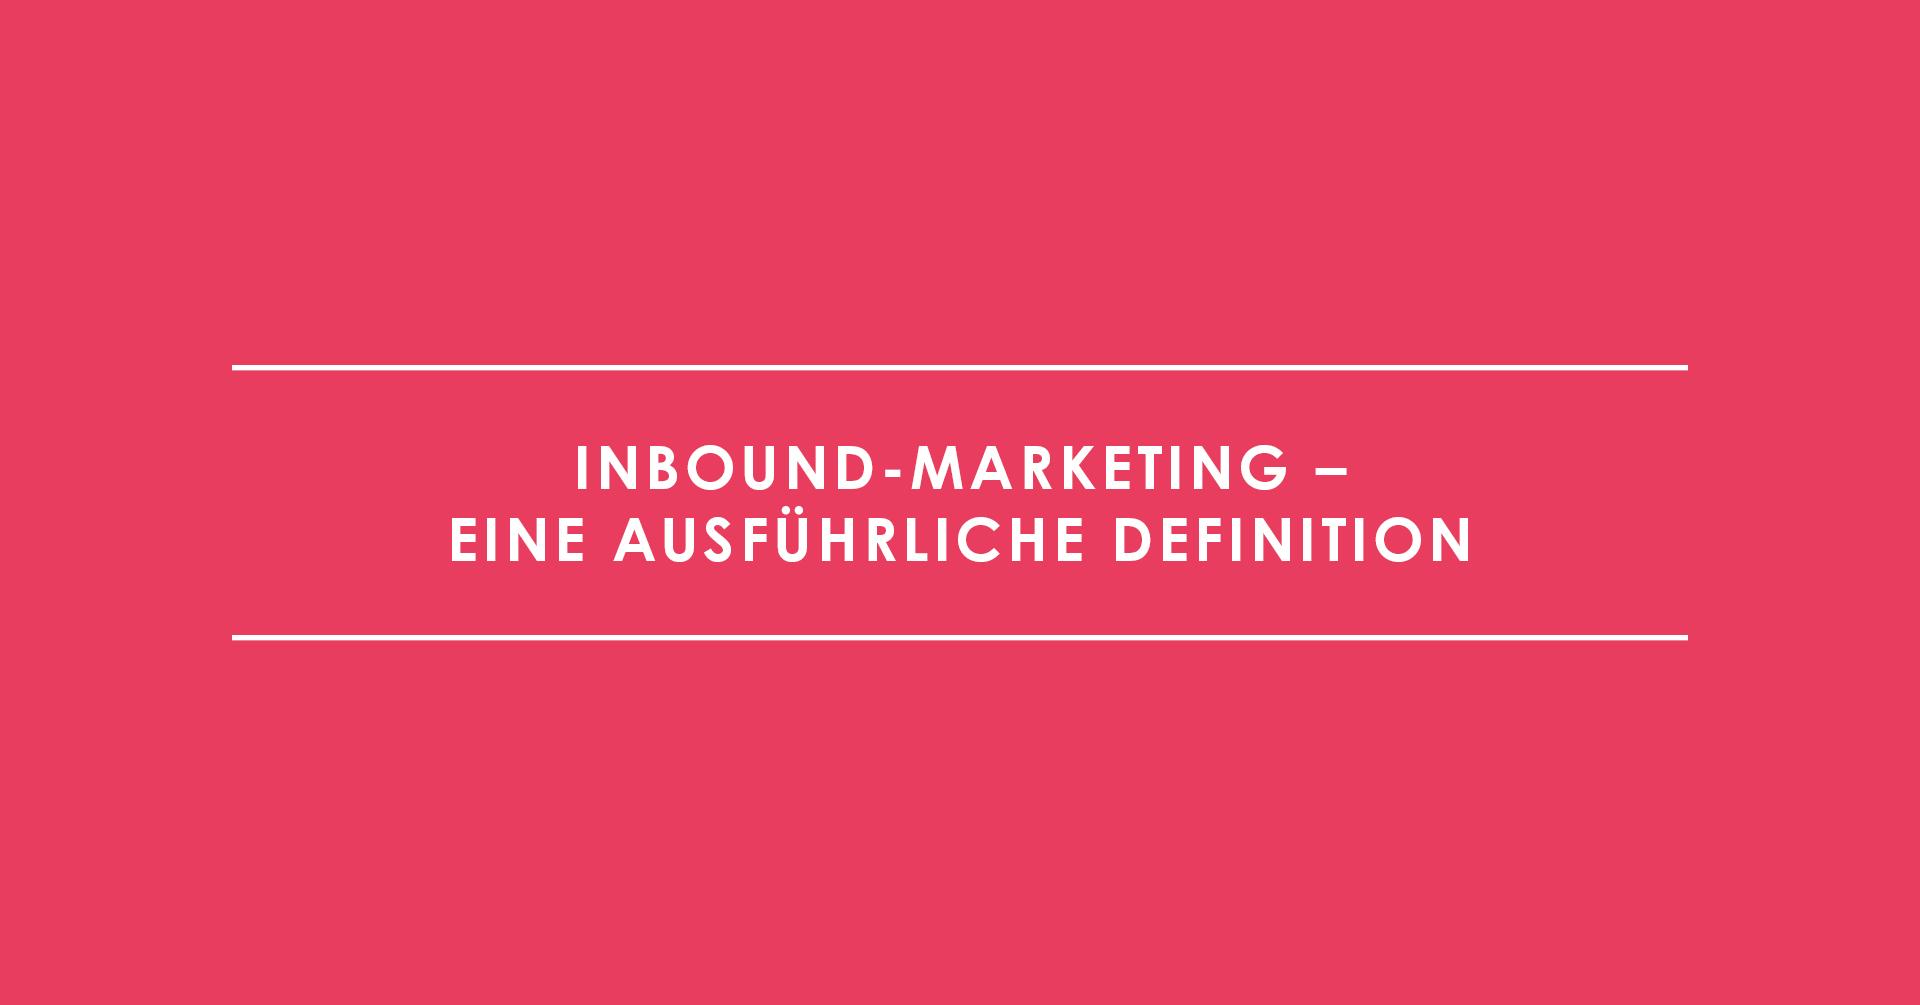 Inbound-Marketing – eine ausführliche Definition